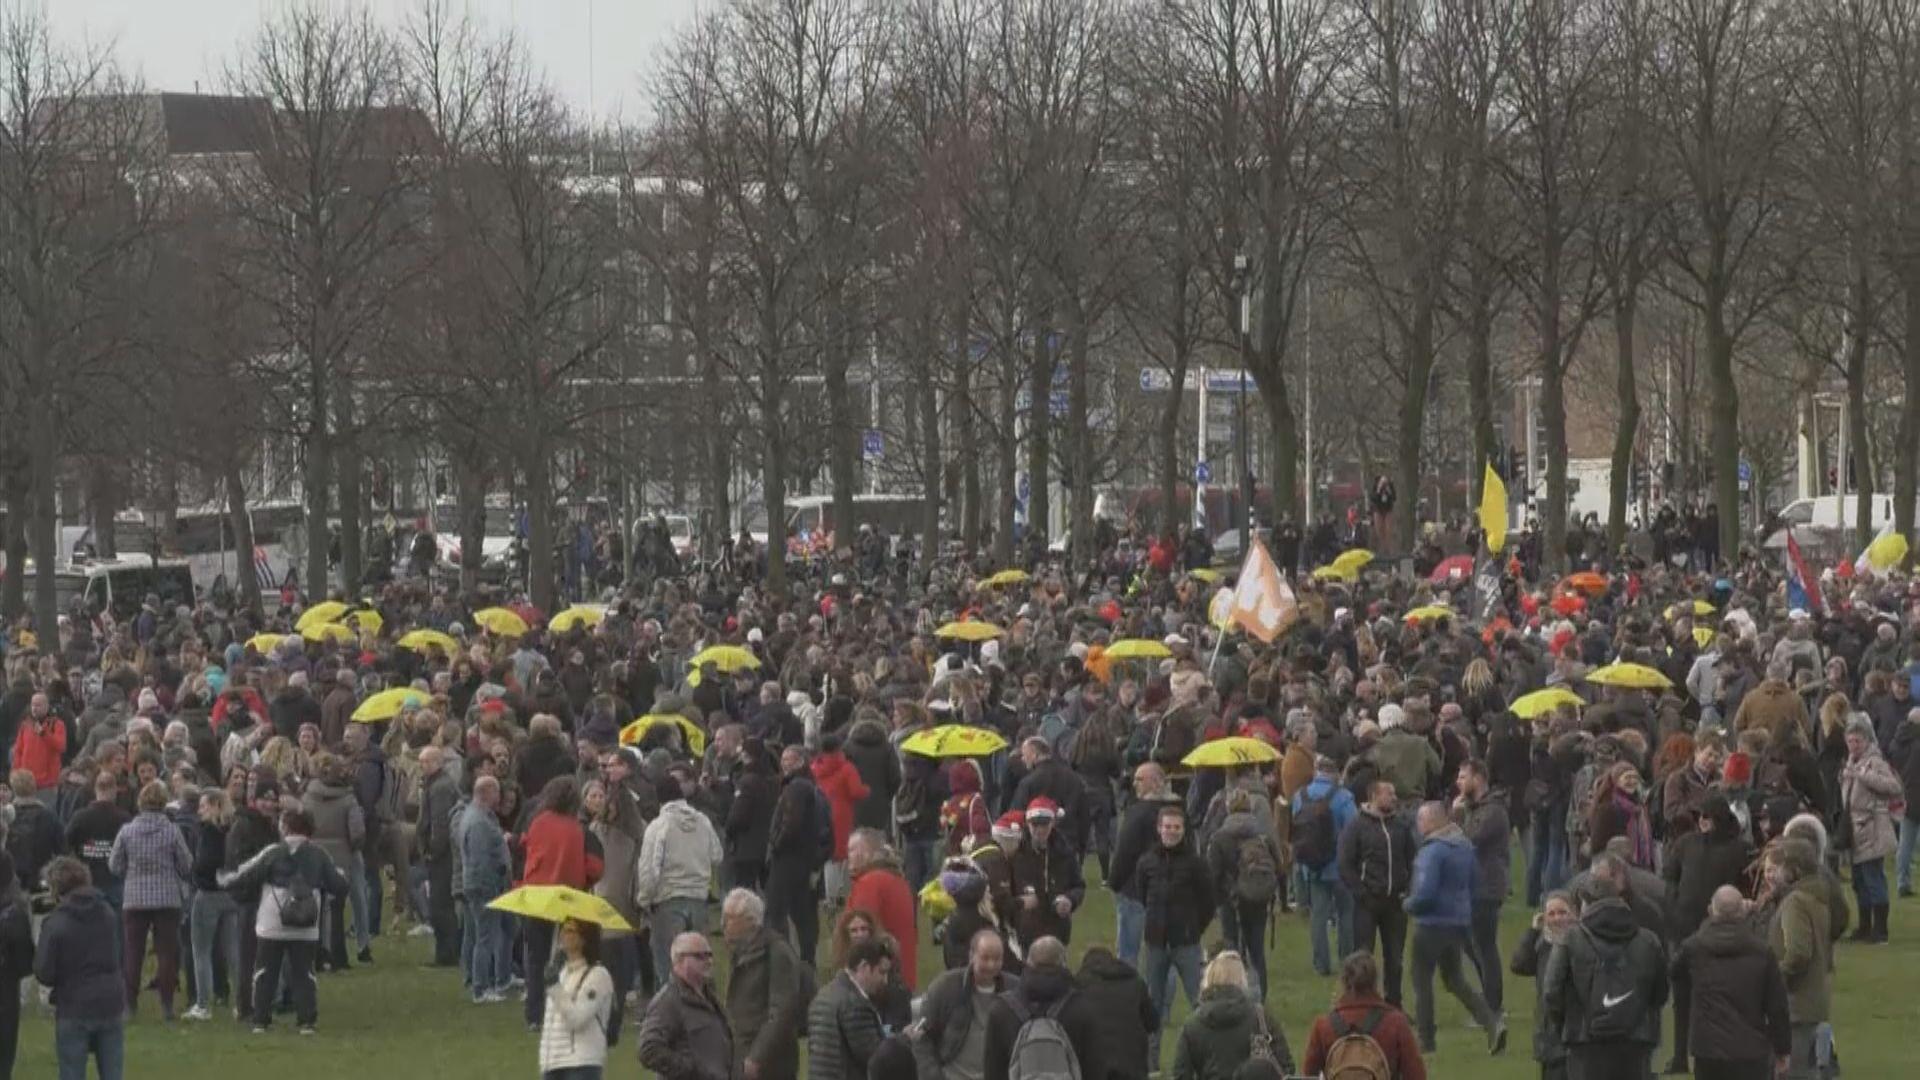 荷蘭海牙民眾示威反對嚴格防疫措施 警方以水炮驅散